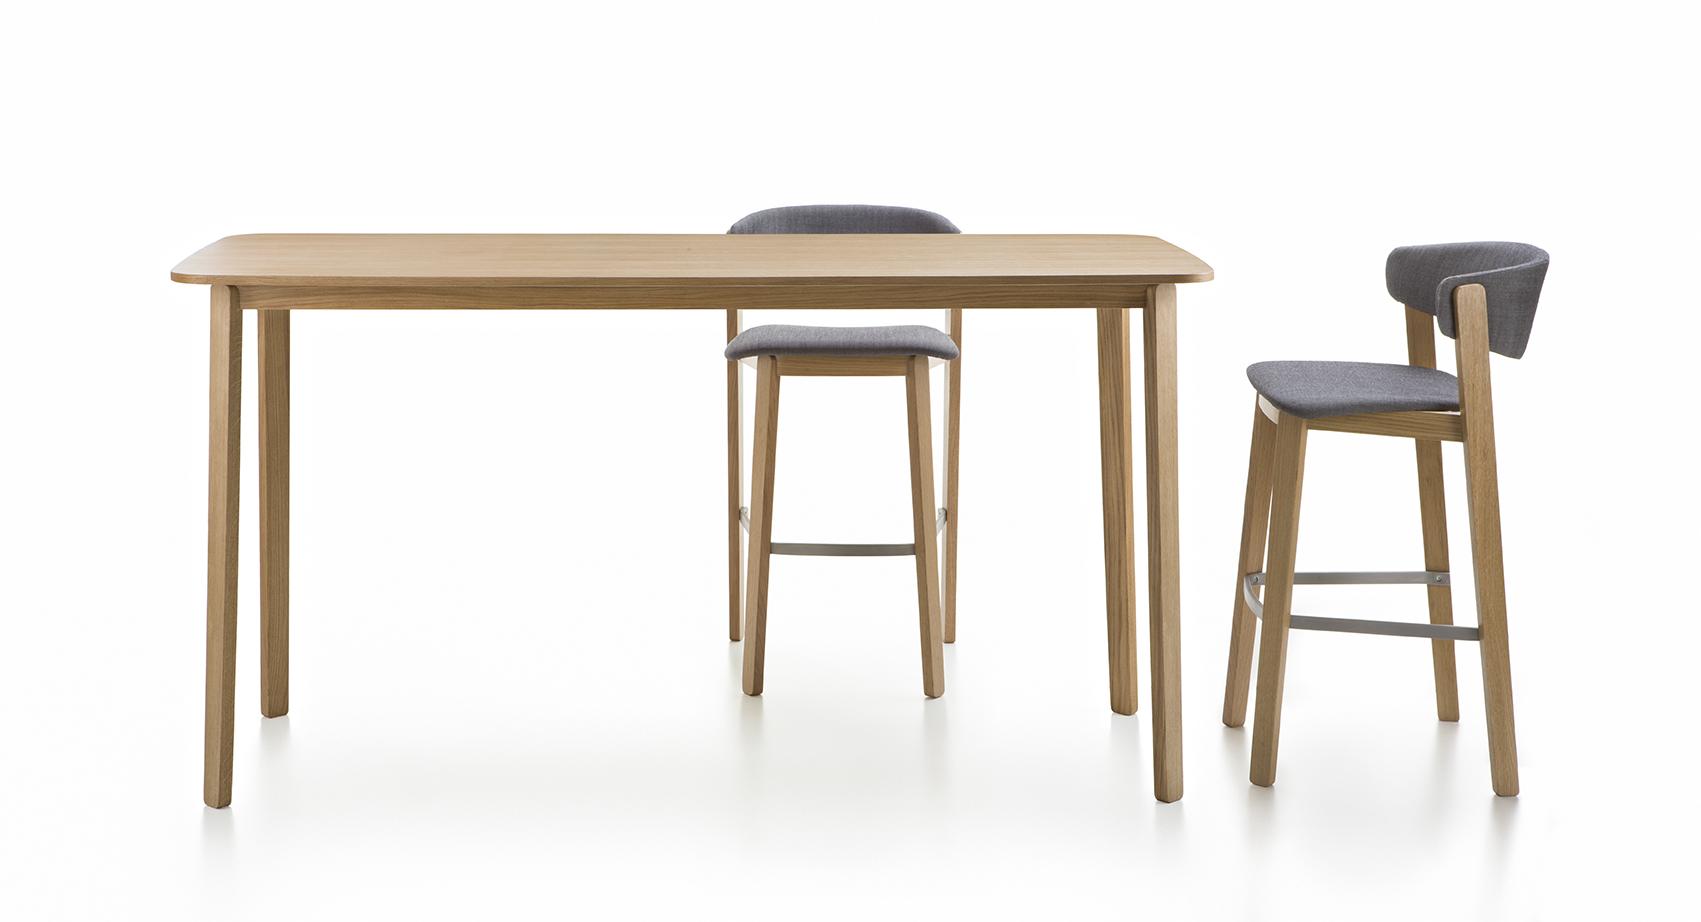 Fornasarig Wolfgang stool